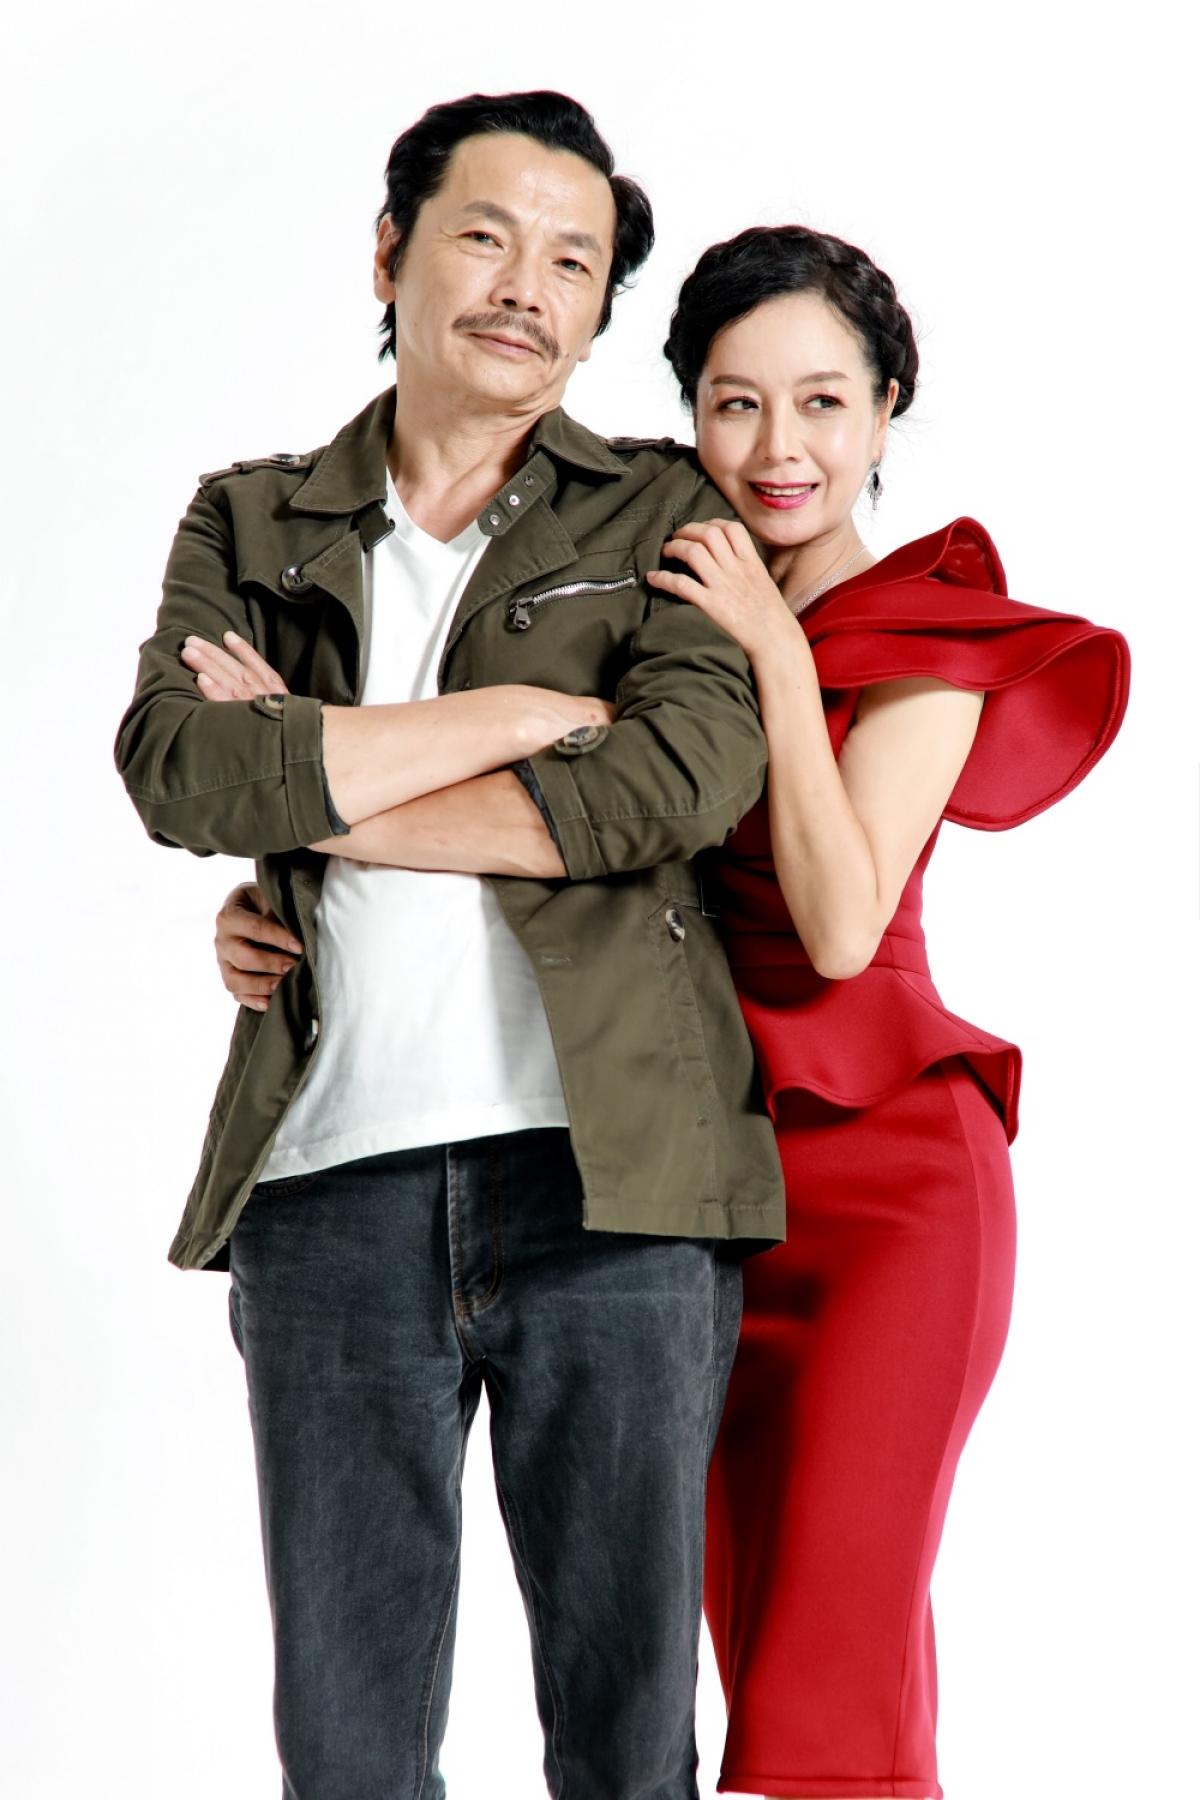 """NSND Trung Anh và NSƯT Chiều Xuân có vai diễn đáng nhớ trong phim truyền hình """"Mặt nạ hạnh phúc""""."""